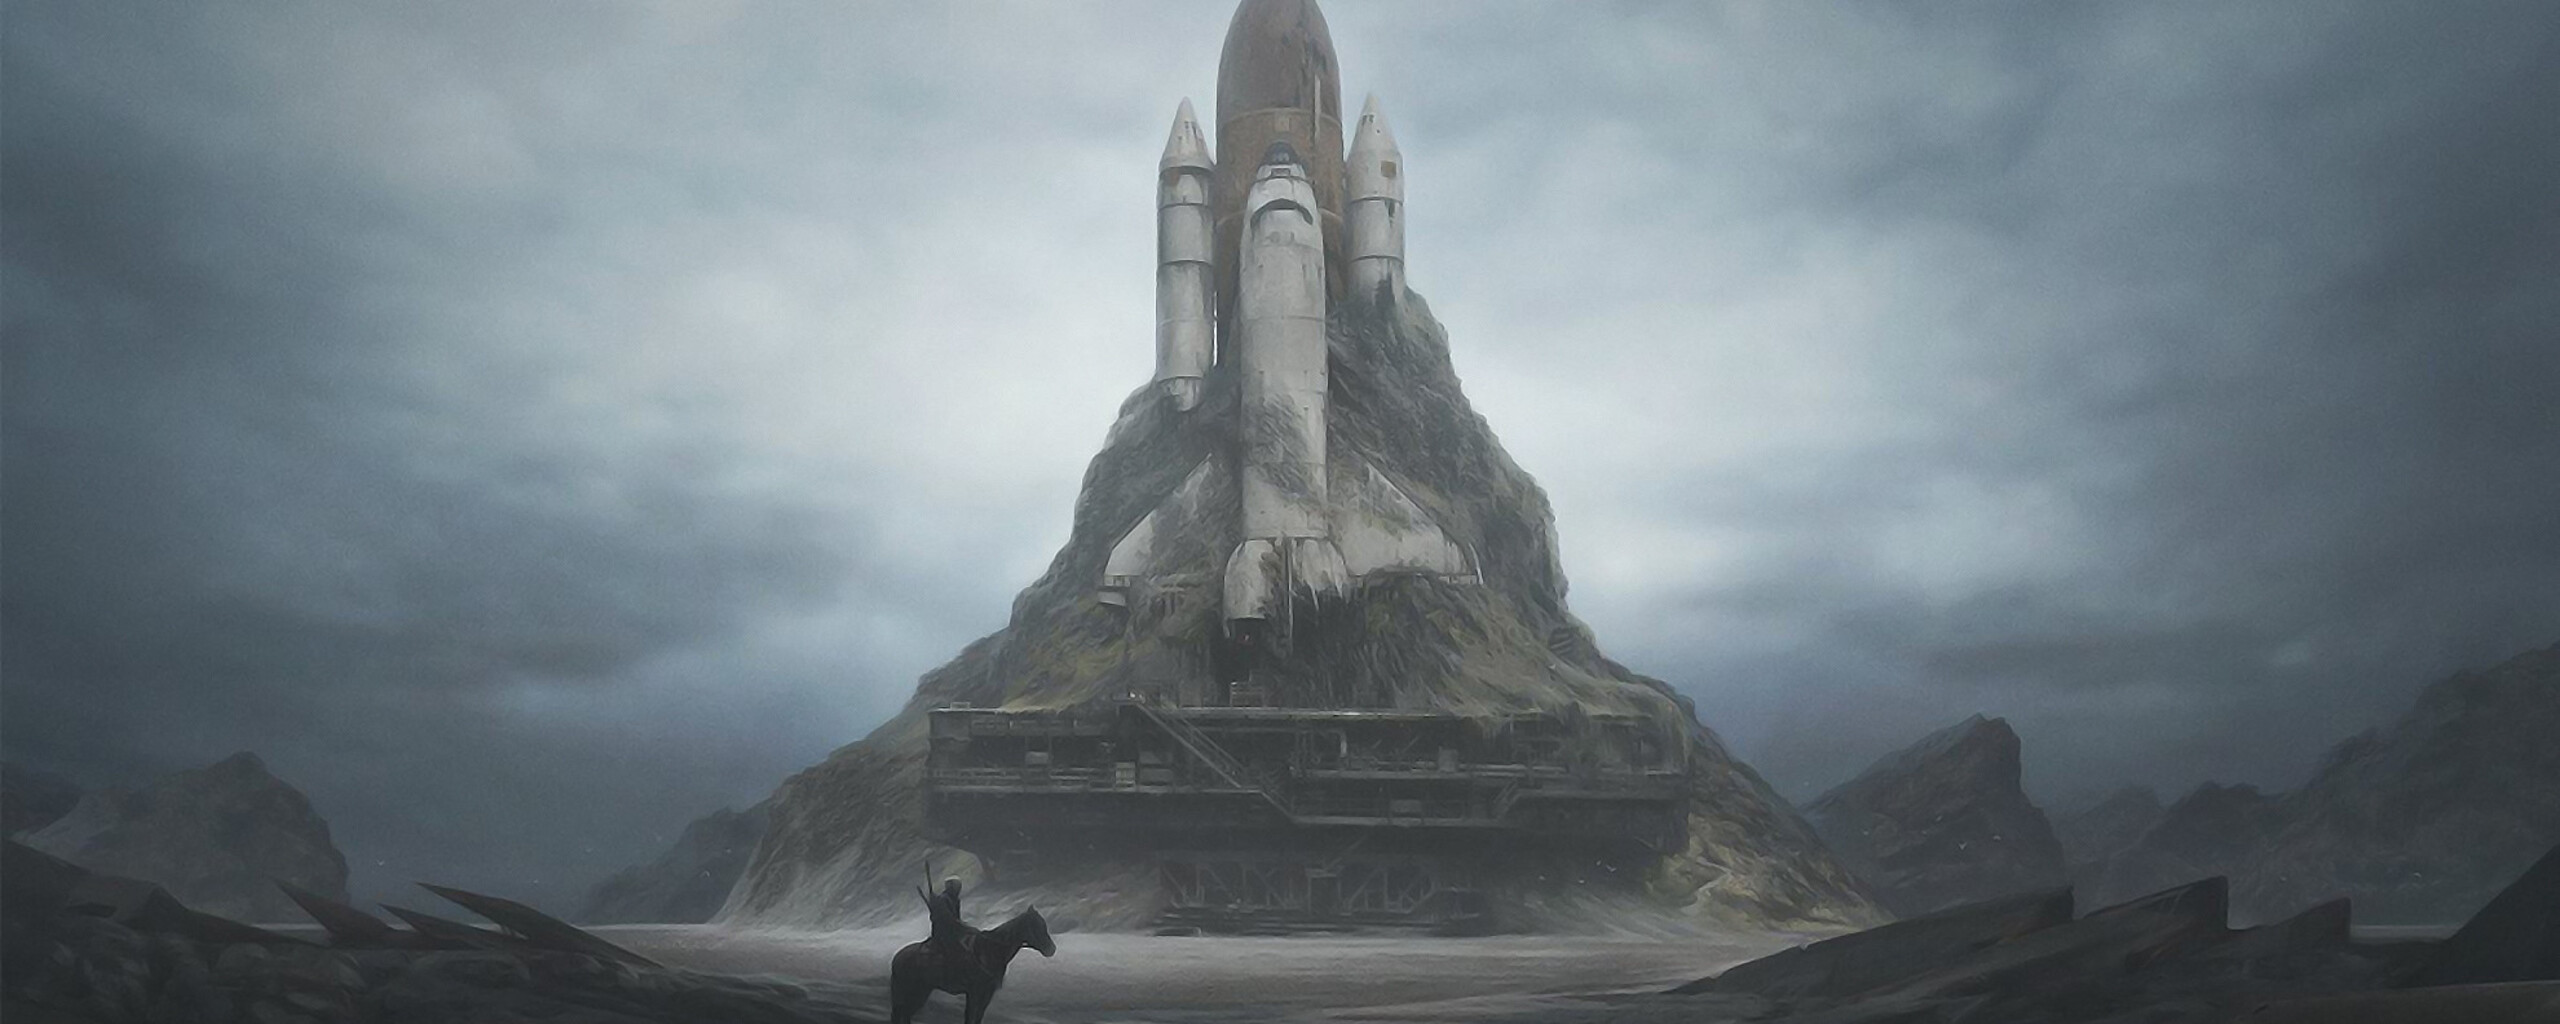 rocket-space-art-hd.jpg